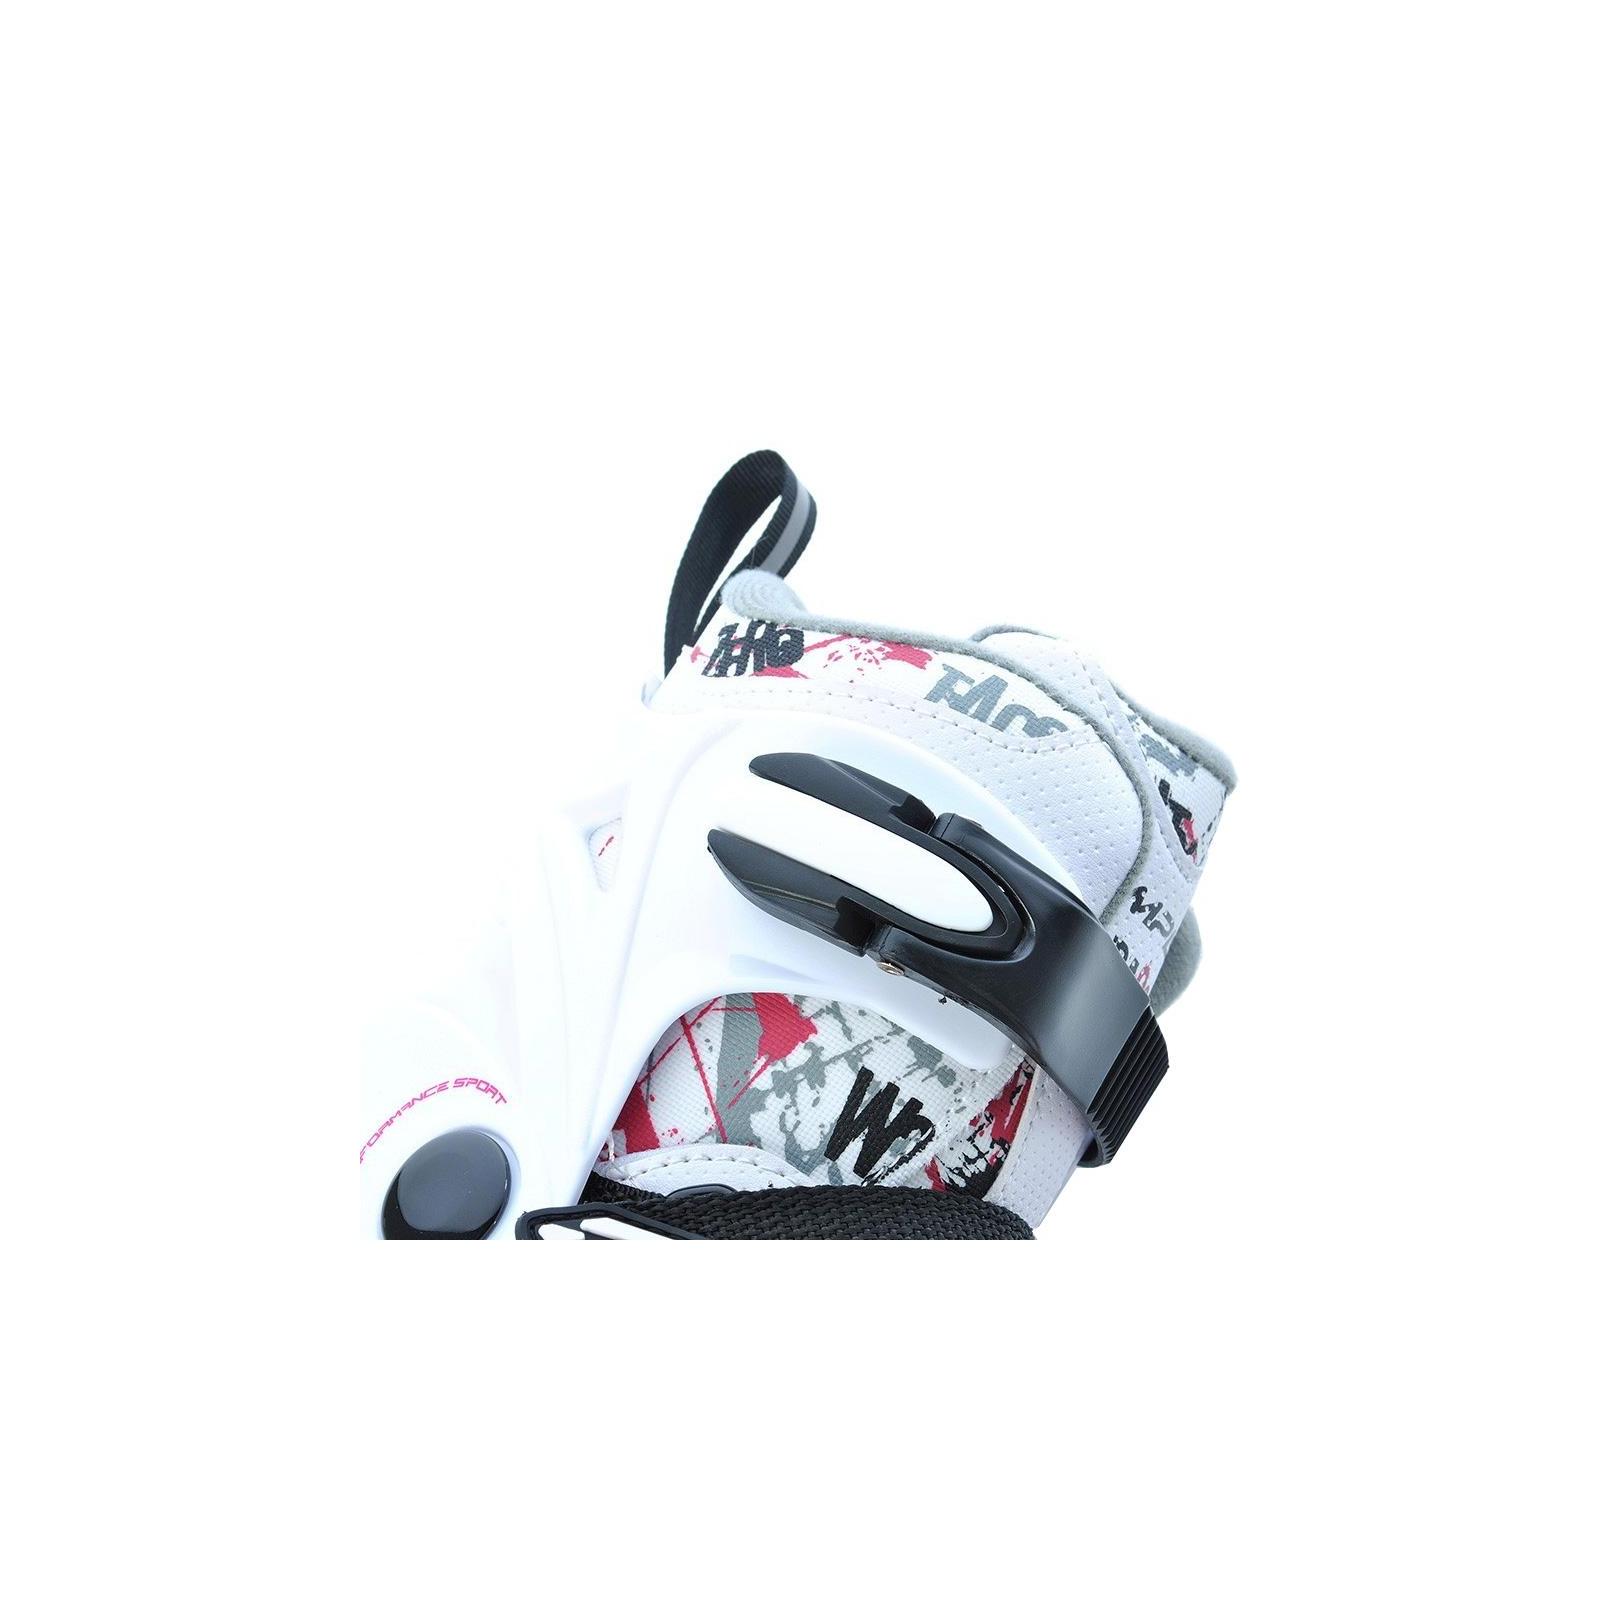 Роликовые коньки Tempish DACO white/37-40 1000027/WHITE/37-40 (1000027/WHITE/37-40) изображение 9